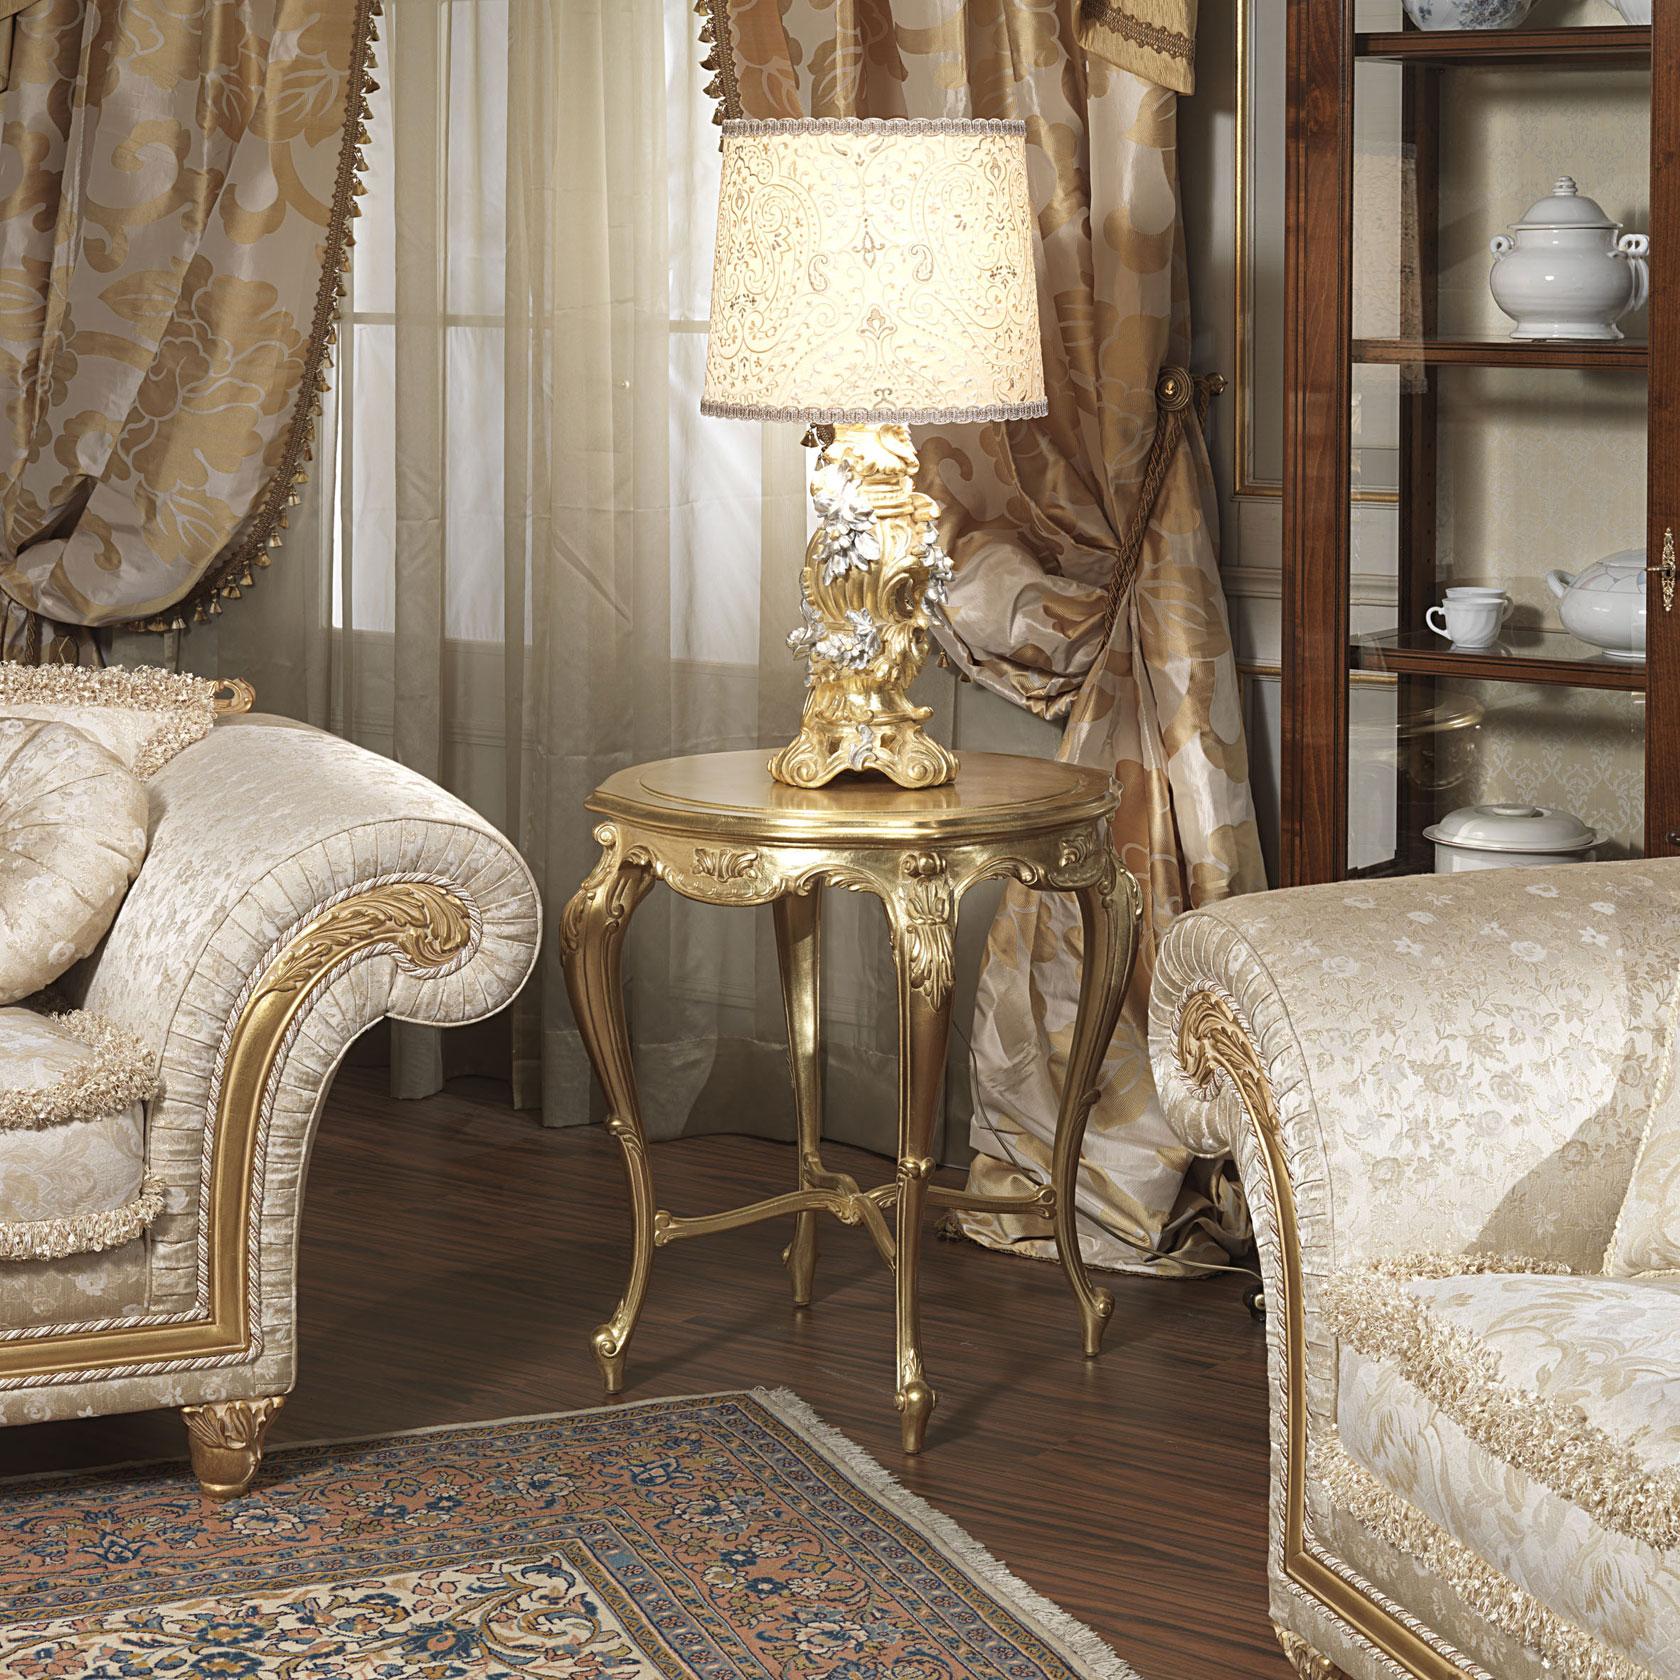 Salotto classico Imperial pelle con tavolino dorato | Vimercati Meda